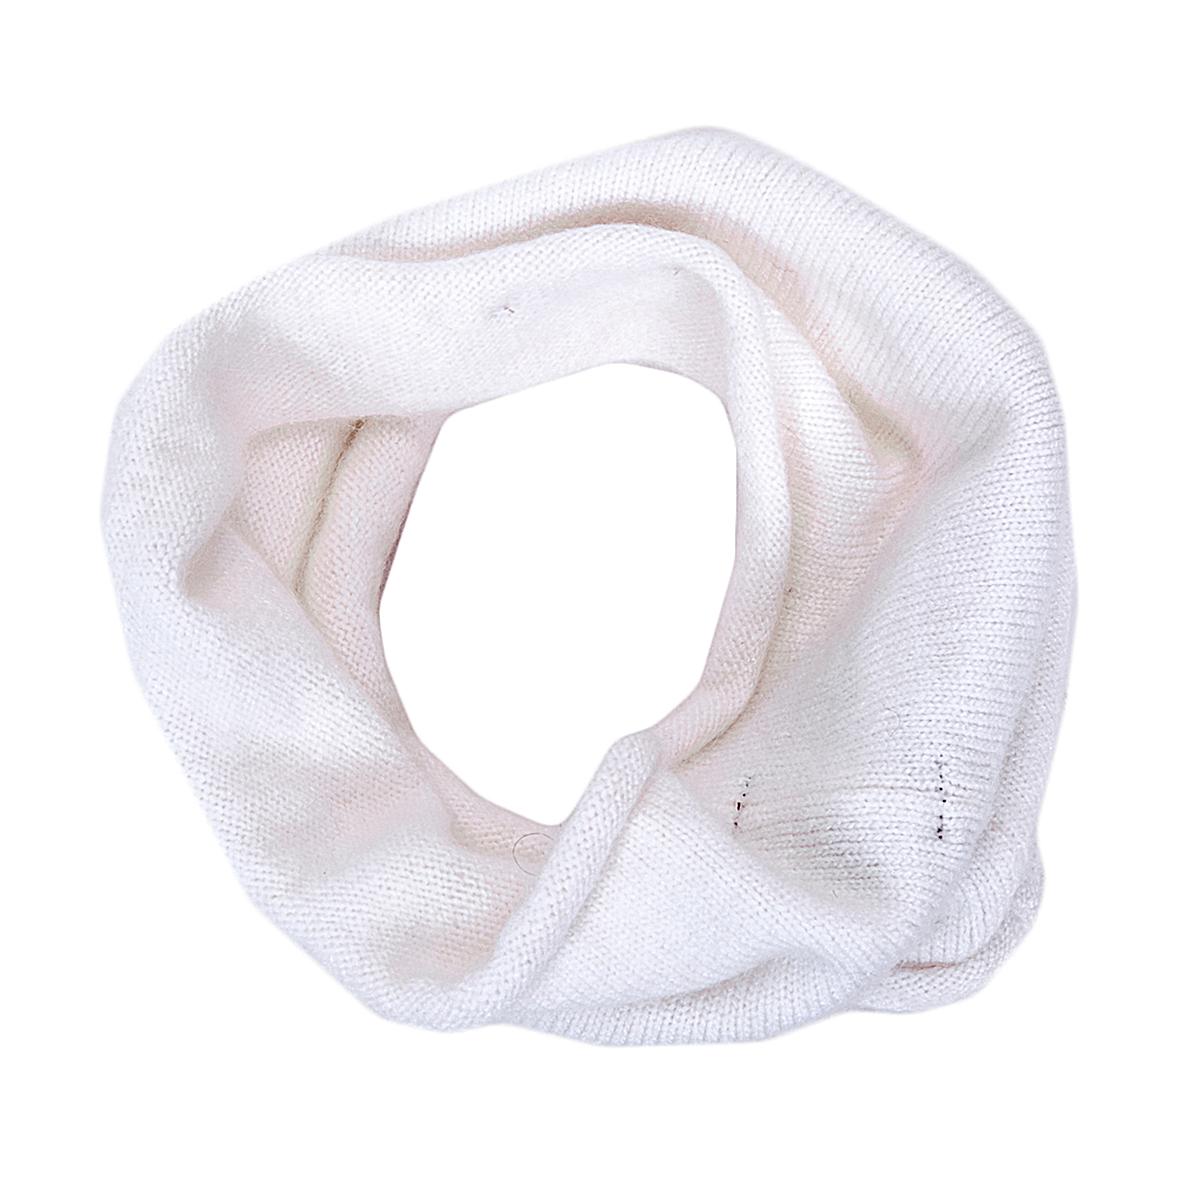 Снуд-хомут женский. 4300643006Стильный вязаный снуд-хомут Noryalli создан подчеркнуть ваш неординарный вкус и согреть вас в прохладное время года. Накинутый на пальто, он придаст мягкости и элегантности, на куртку - задора и таинственности. Снуд - это объемный шарф, связанный по кругу. Этот модный аксессуар гармонично дополнит образ современной женщины, следящей за своим имиджем и стремящейся всегда оставаться стильной и элегантной.